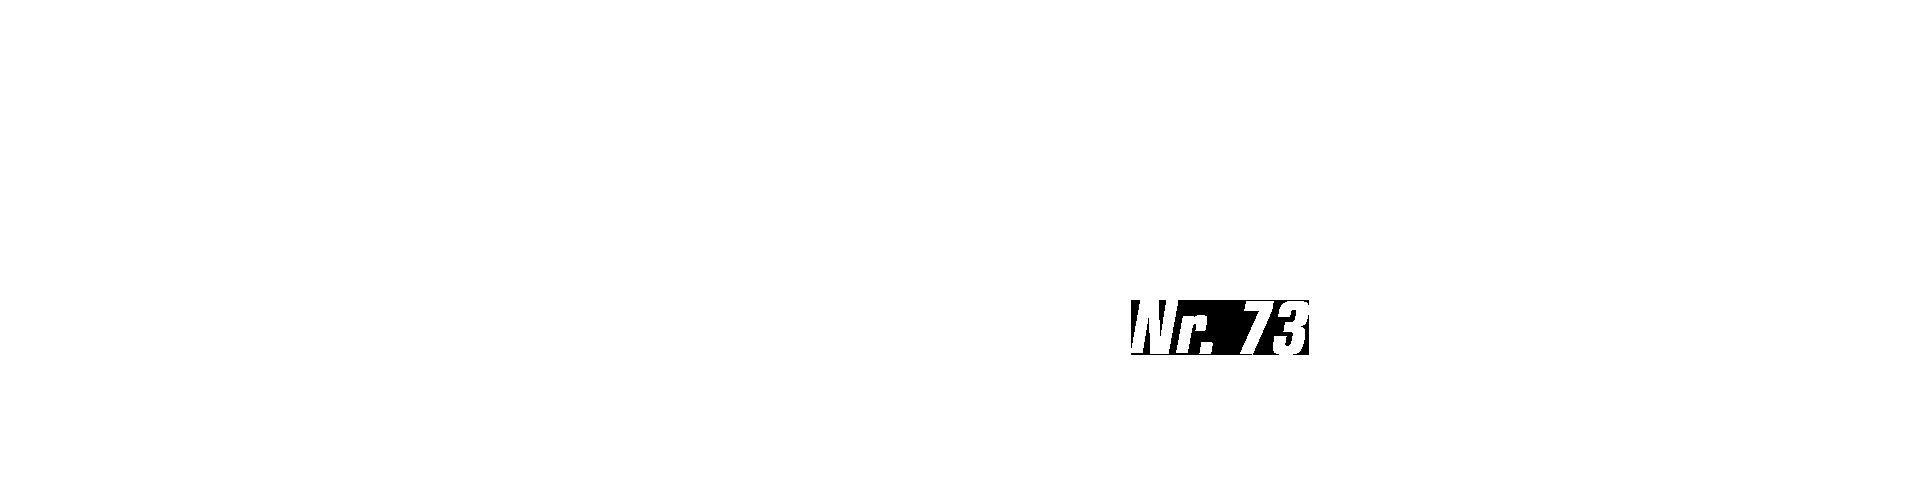 makronen-flavour_10.png